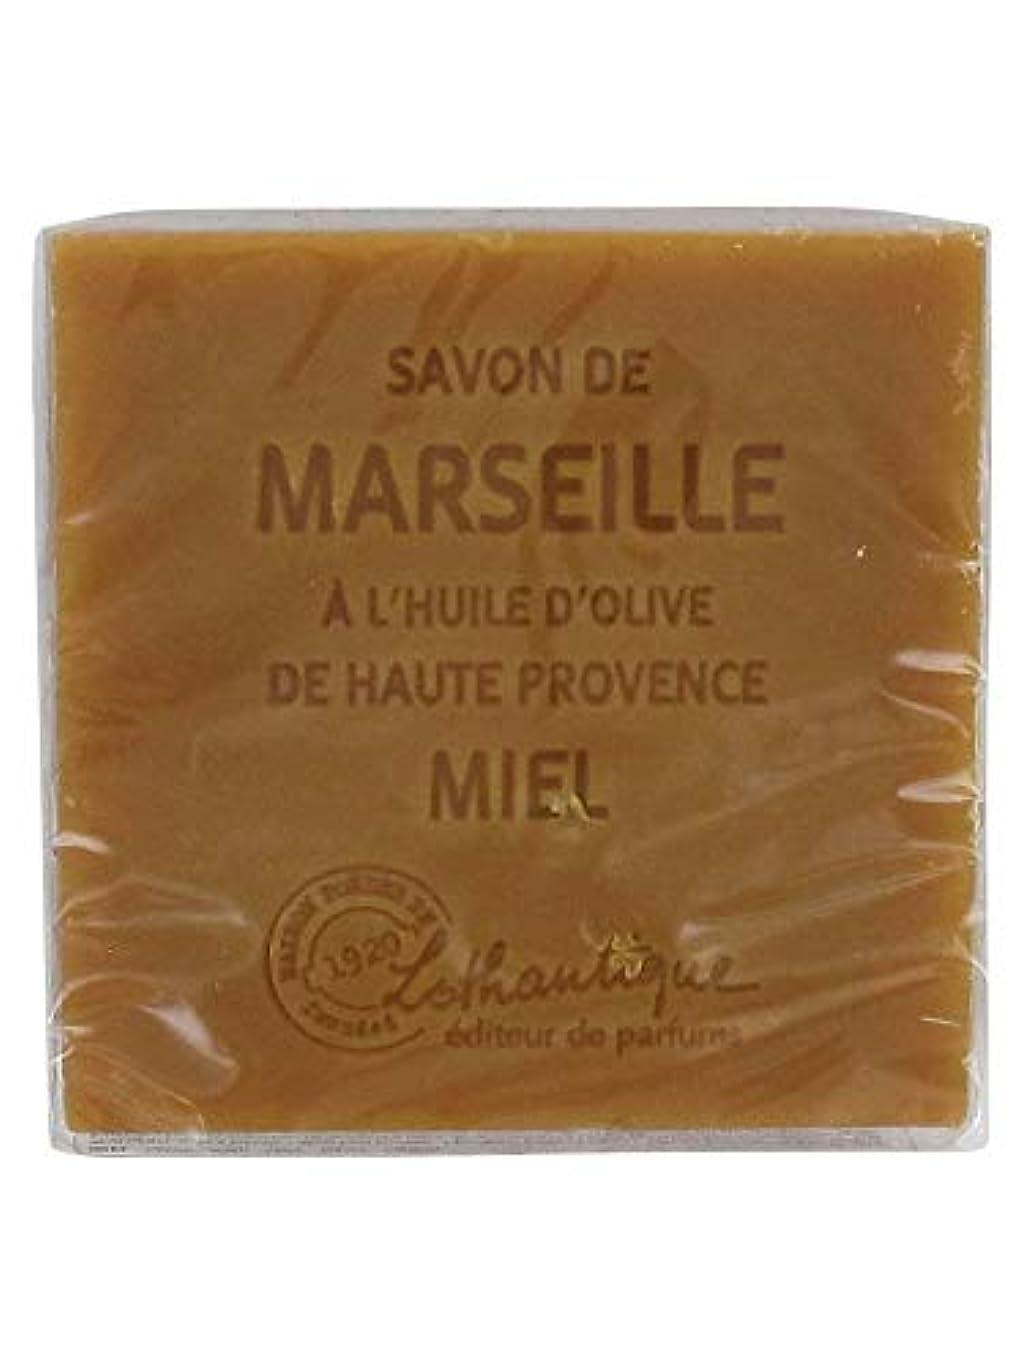 ビジネスシティ裁判所Lothantique(ロタンティック) Les savons de Marseille(マルセイユソープ) マルセイユソープ 100g 「ハニー」 3420070038074